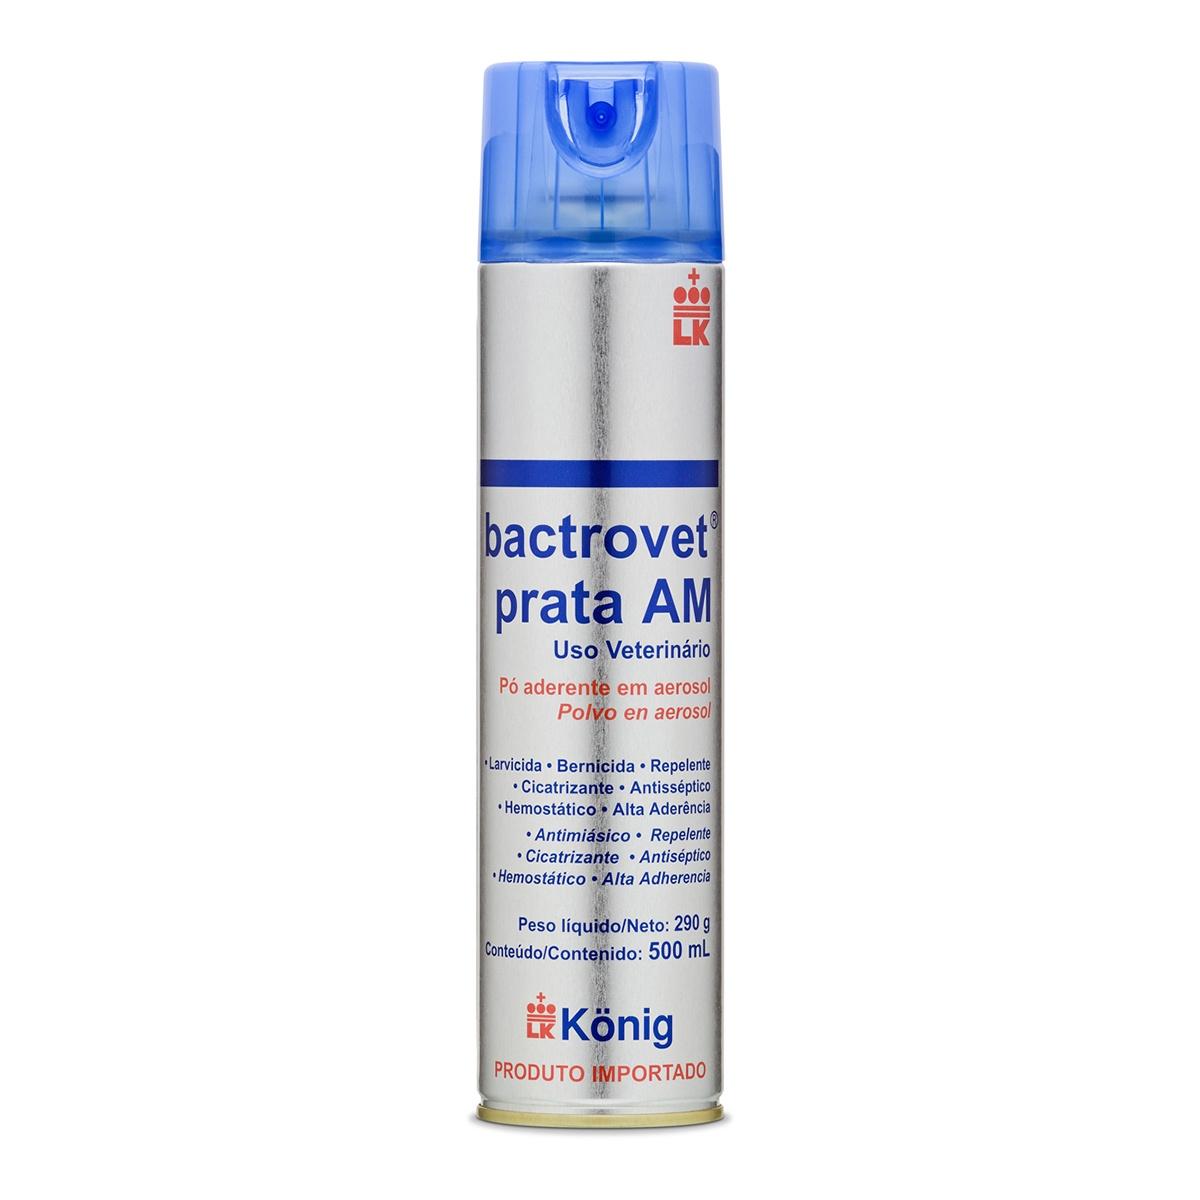 Bactrovet Prata AM - 500 mL